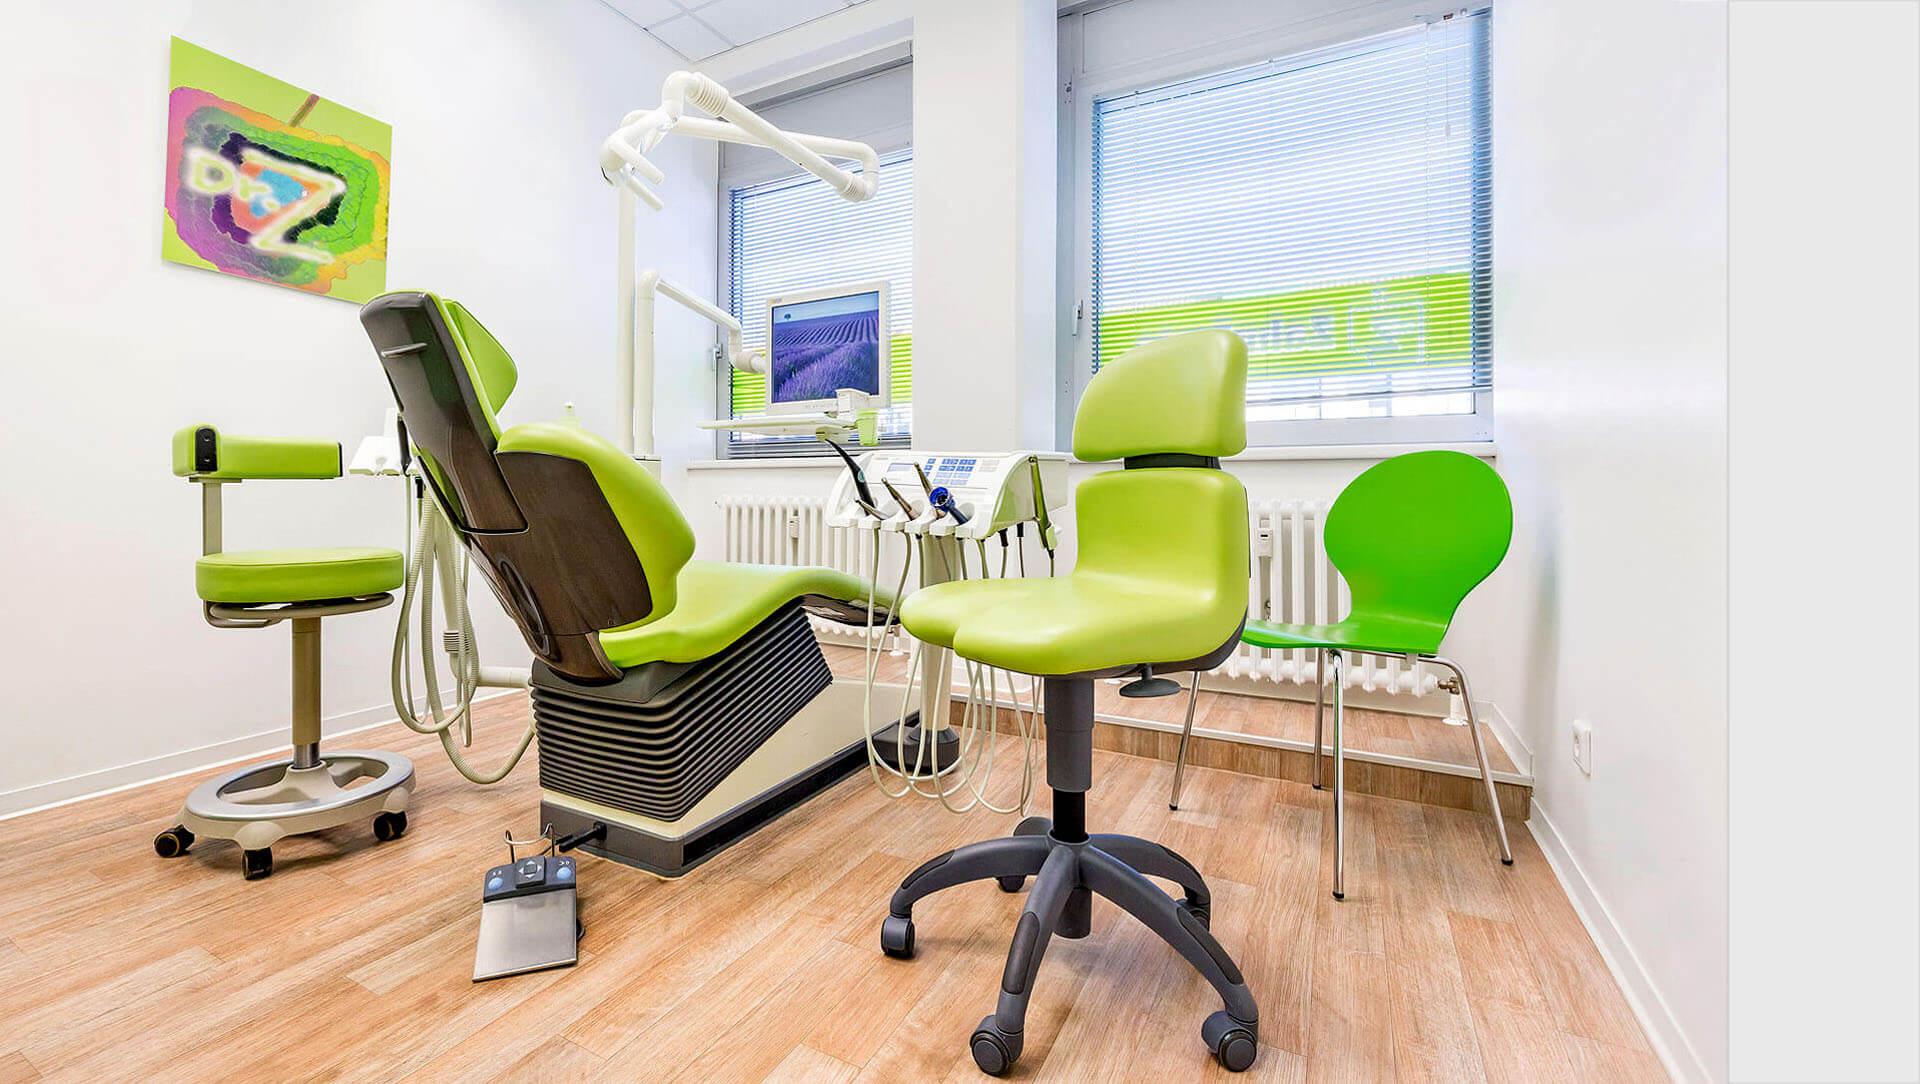 zahnarztpraxis-fotografieren-behandlungsstuhl